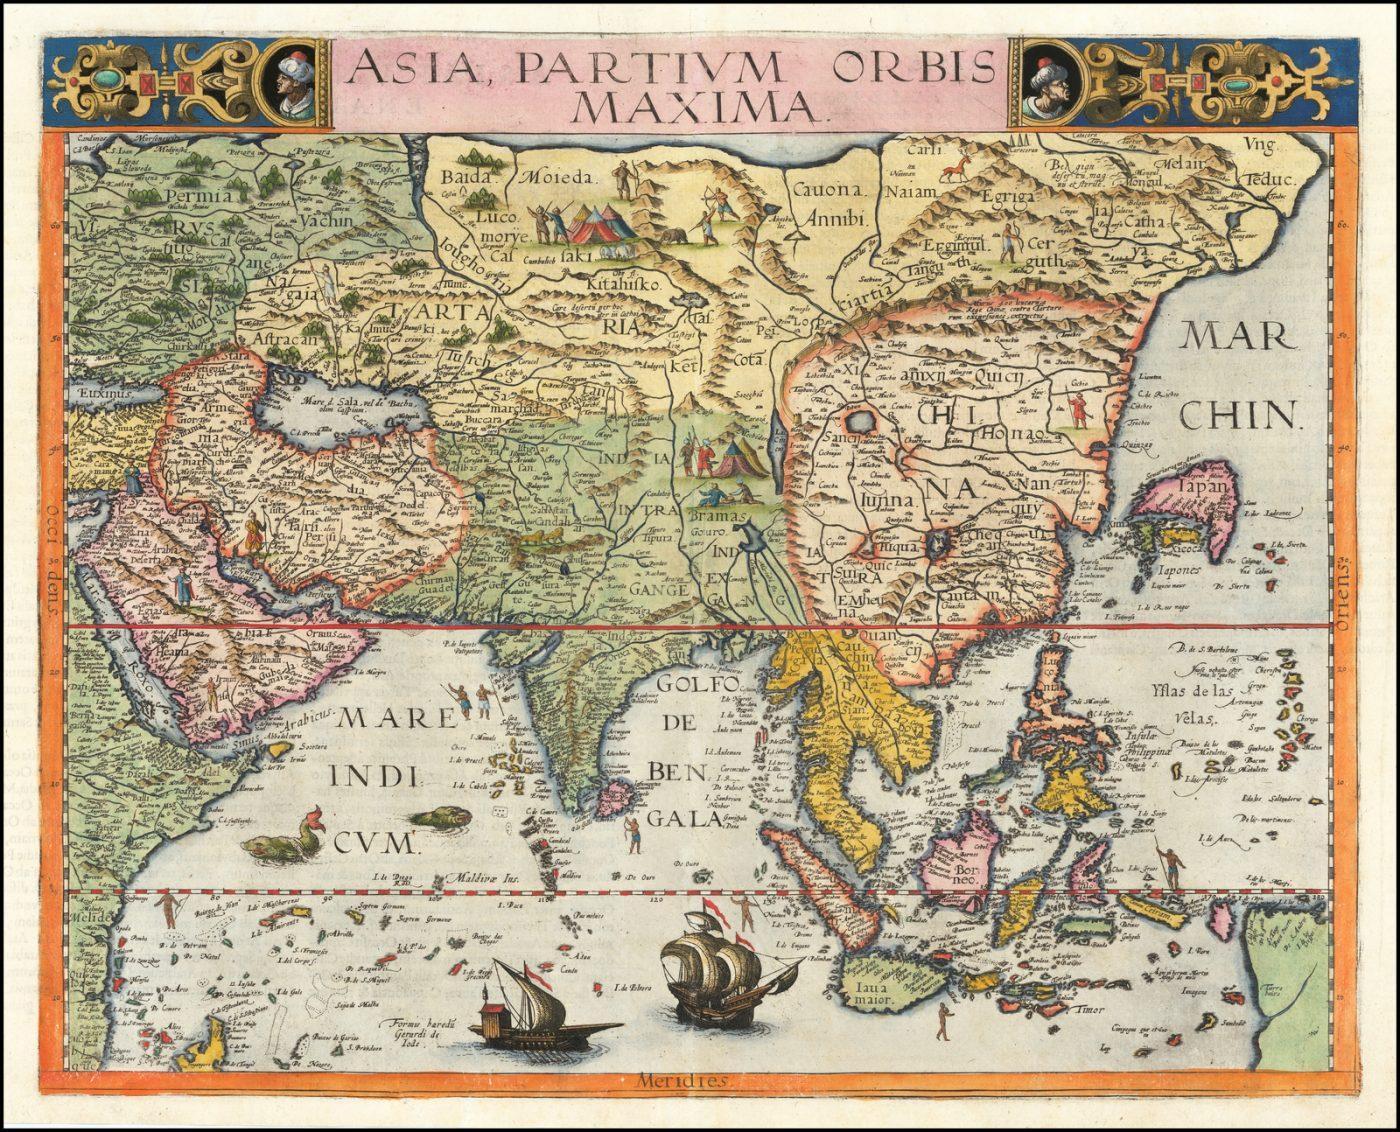 Редкая карта Азии XVI века - раннее изображение Юго-Восточной Азии, Китая и Японии